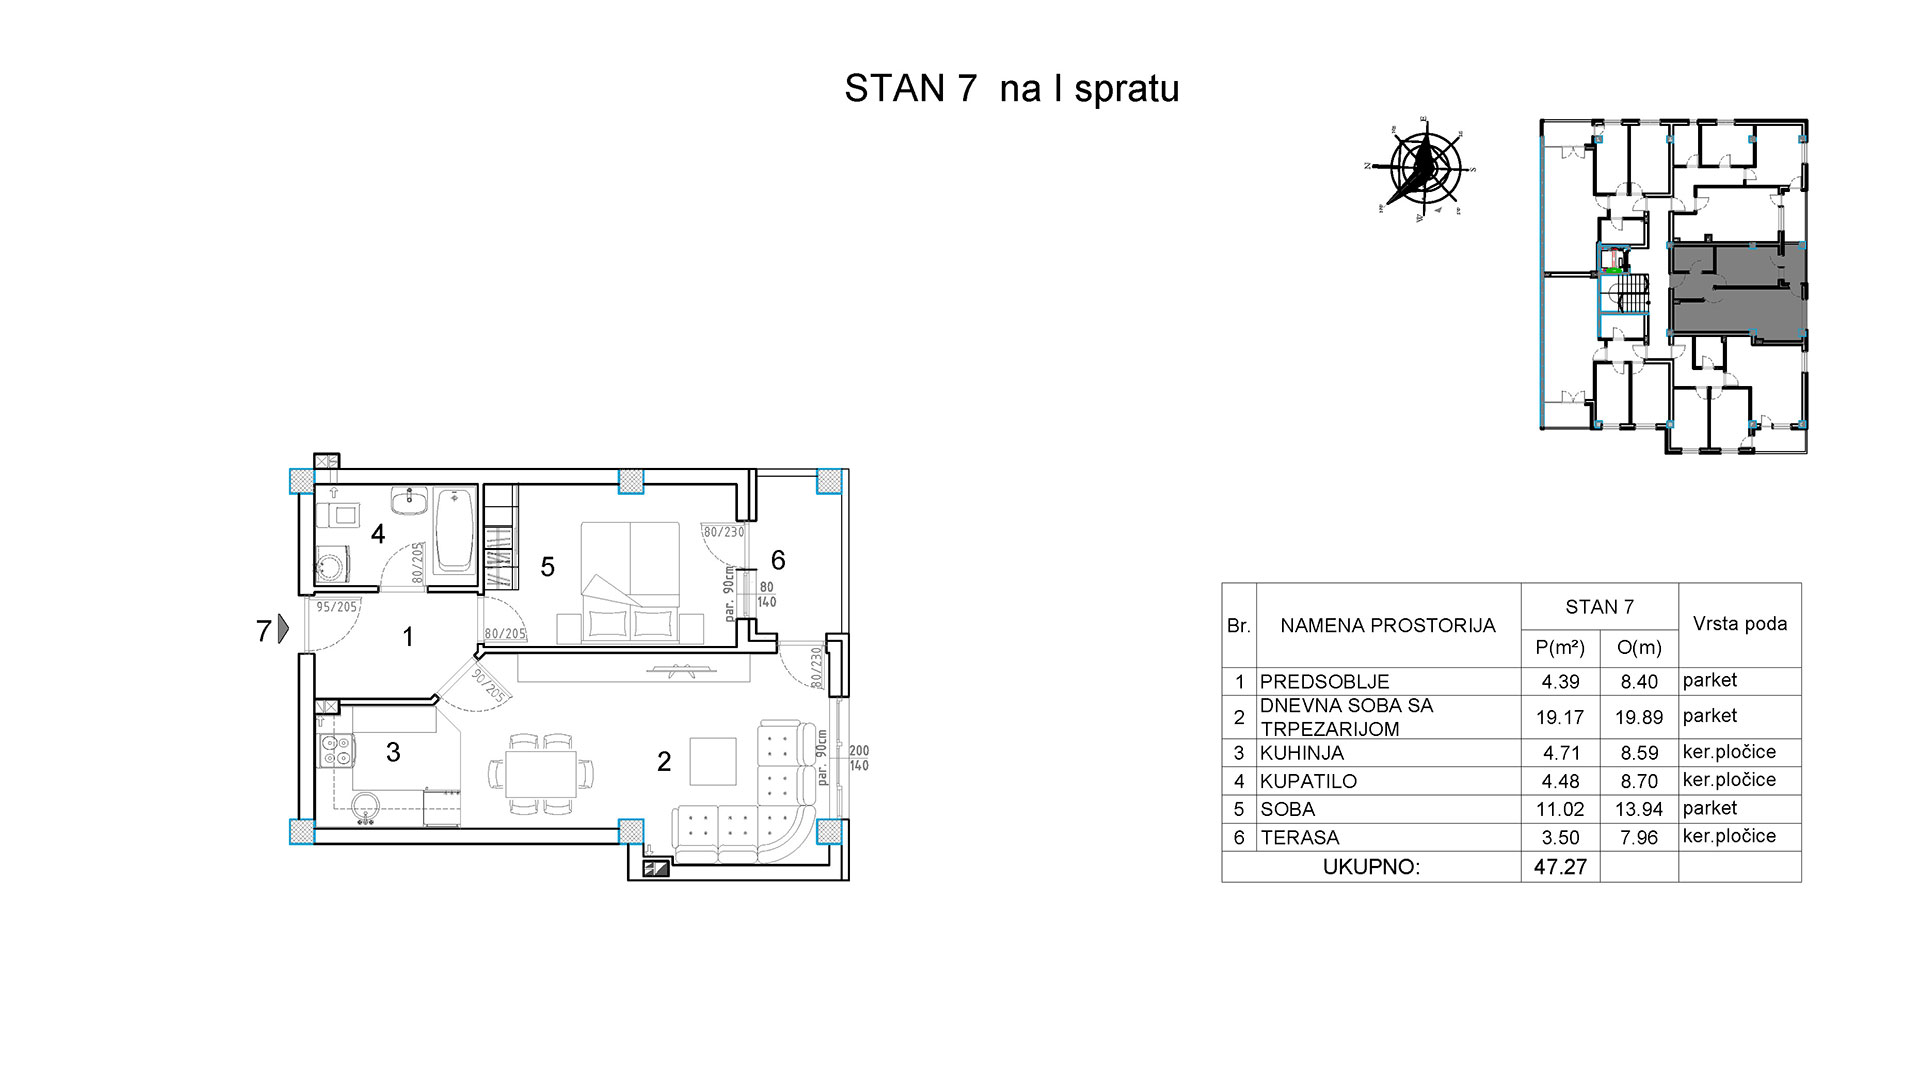 Objekat u Borivoja Stevanovica bb - Stan 7